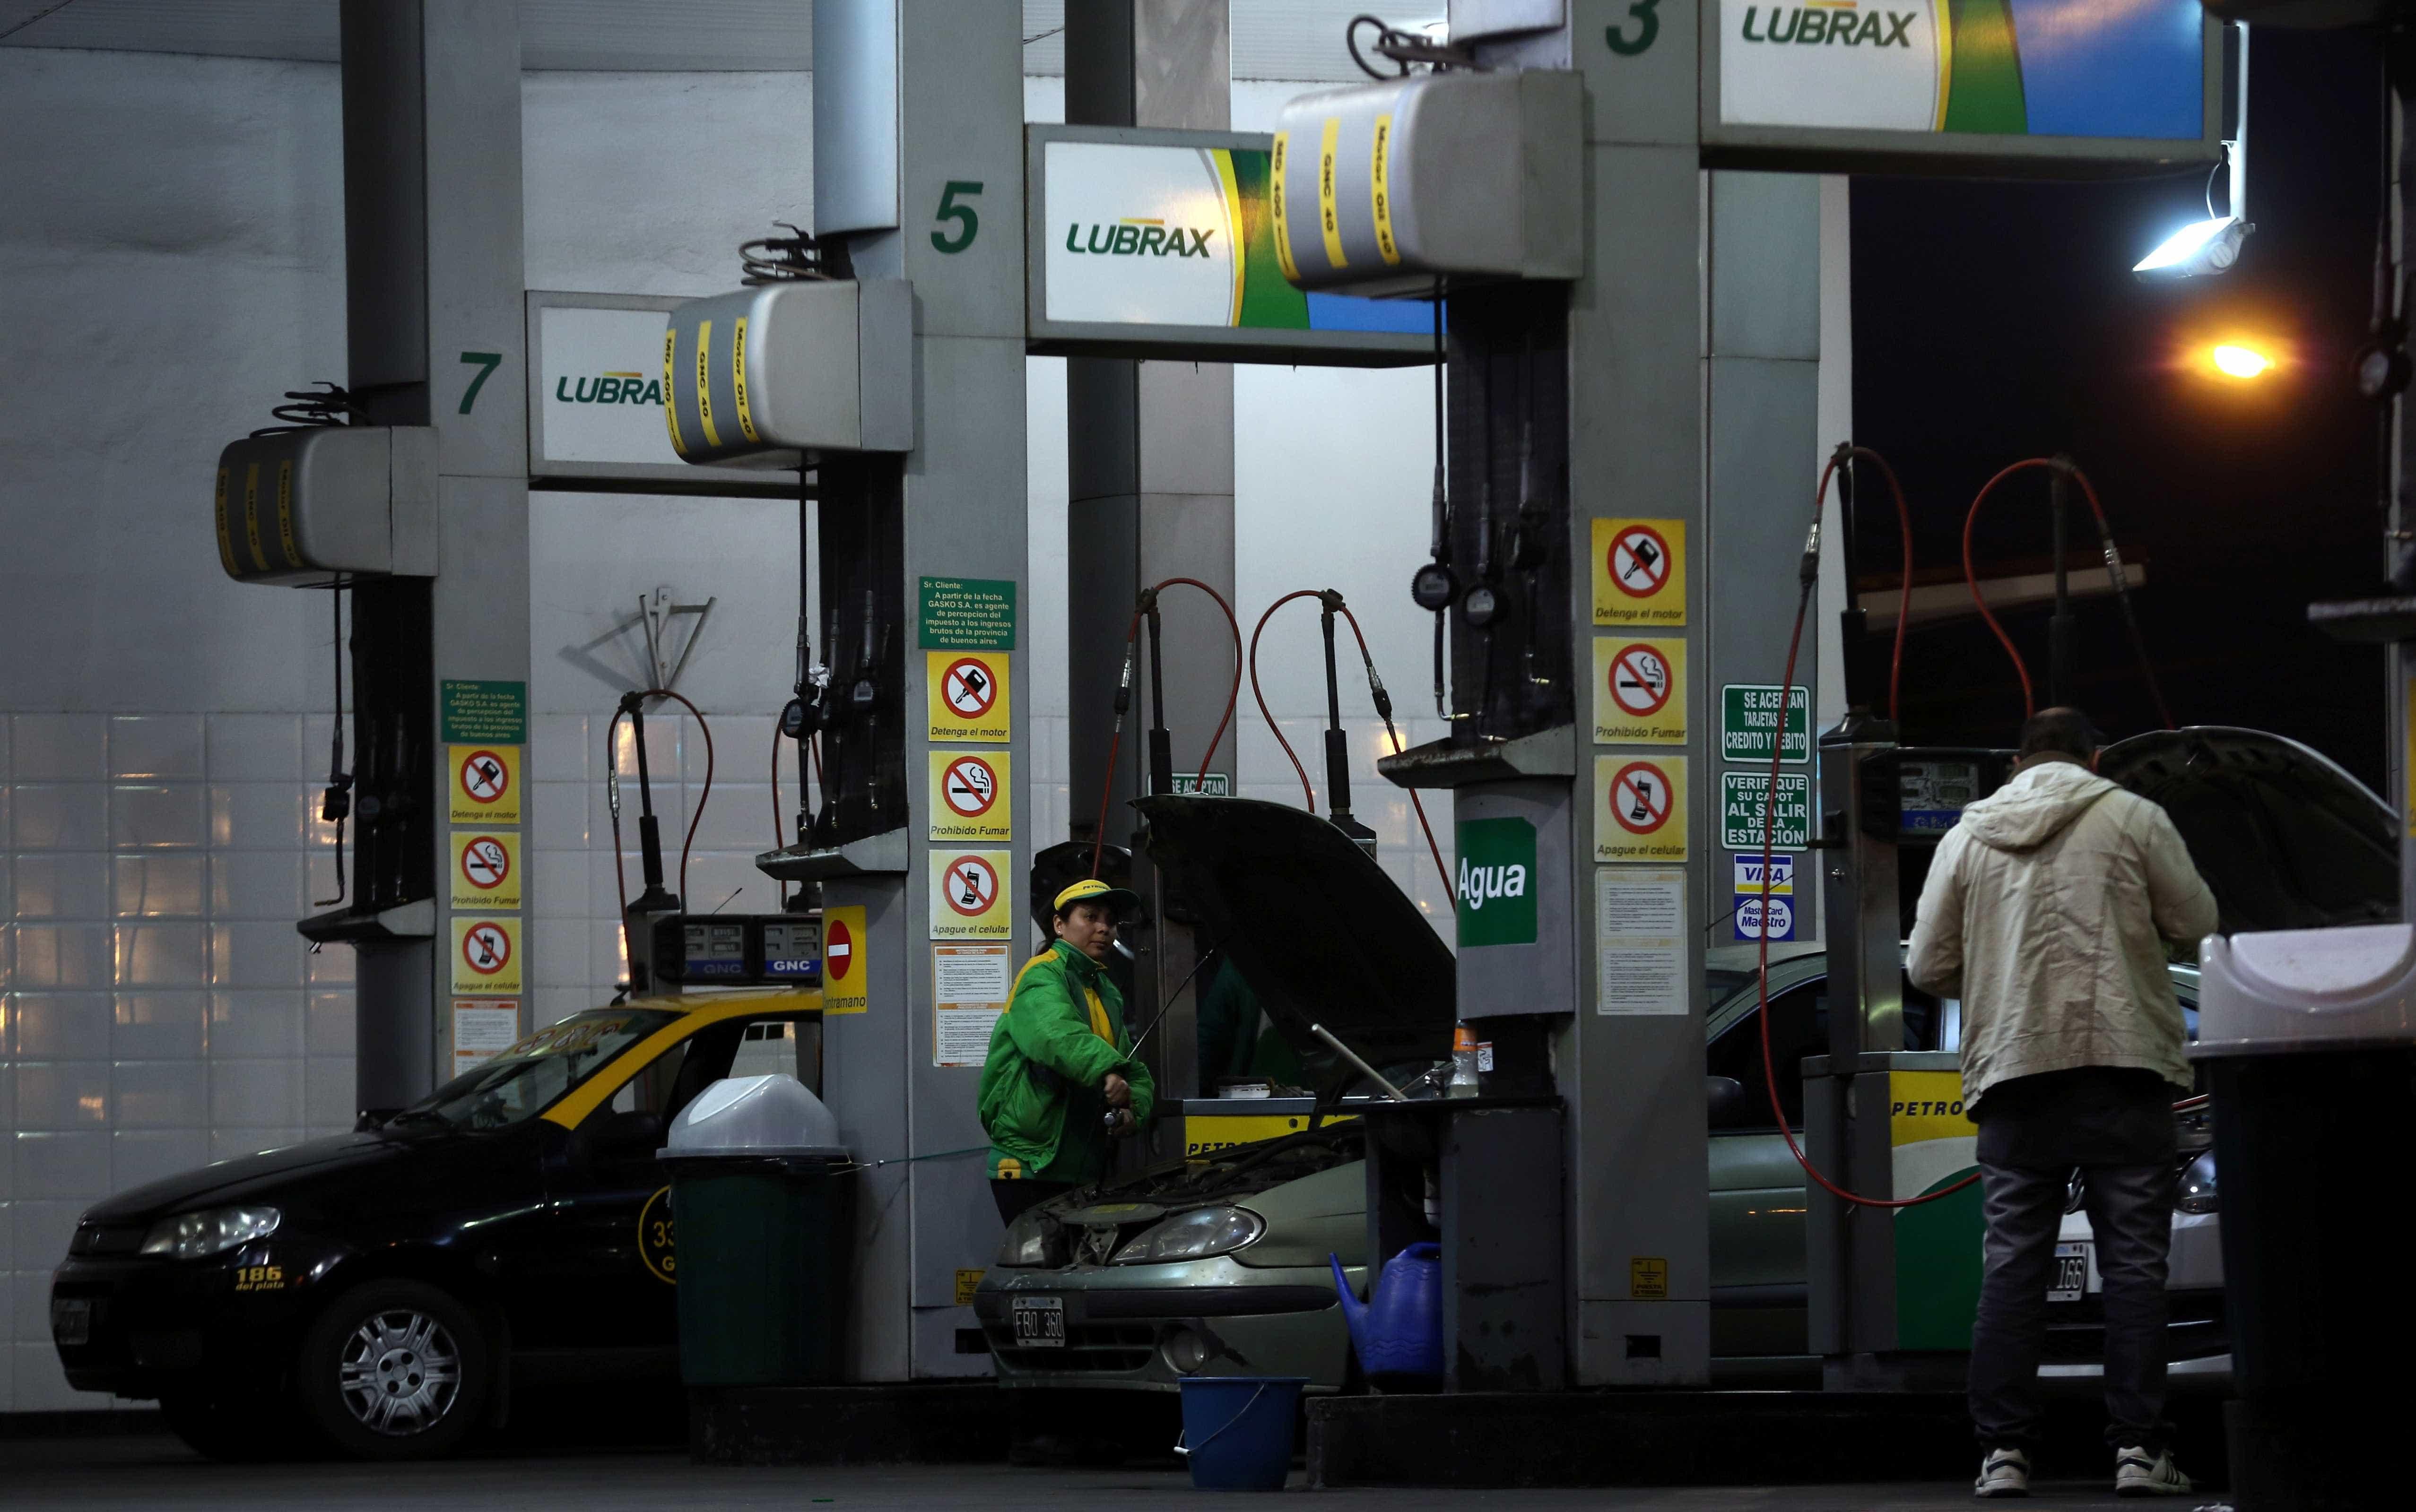 Nova fórmula para o diesel pode levar a desabastecimento, diz Petrobras